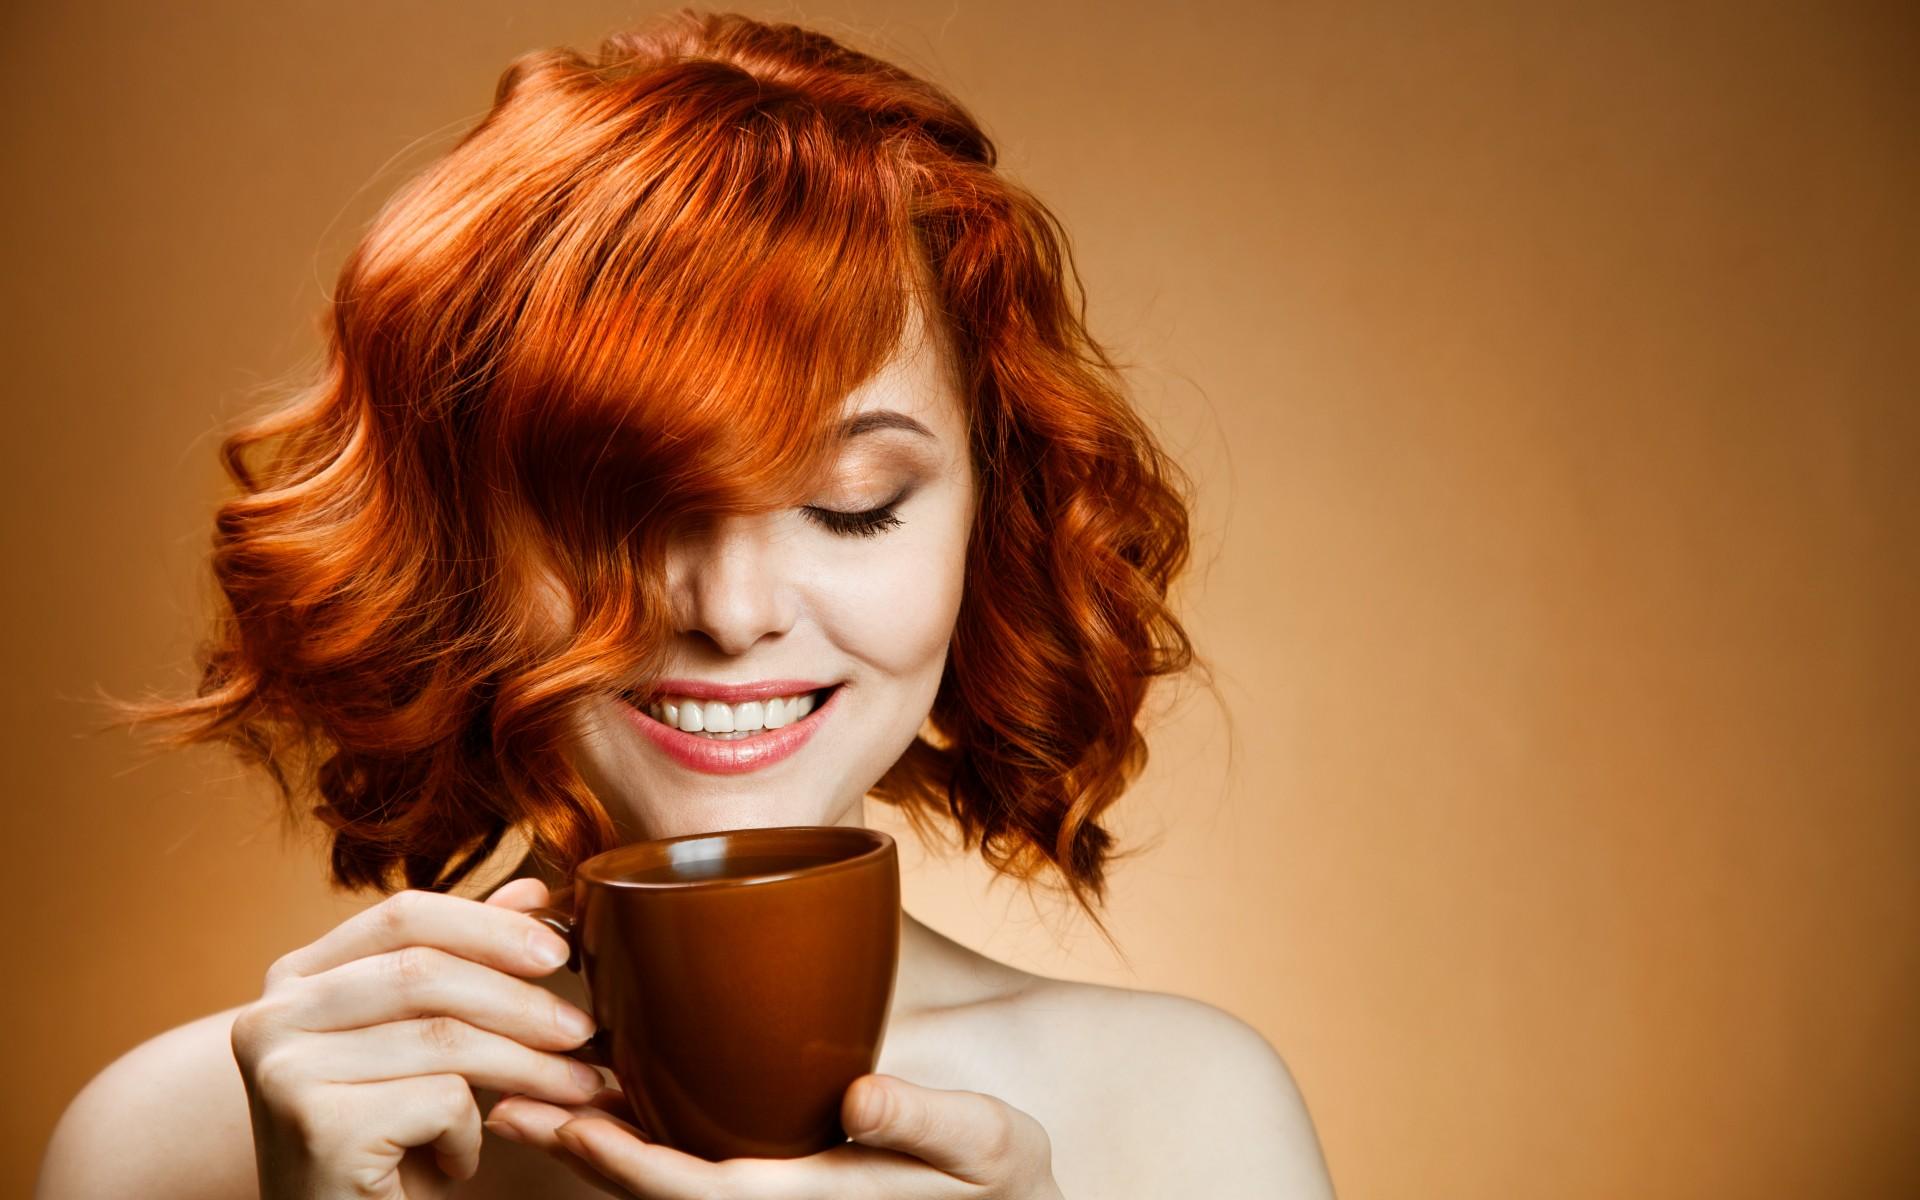 Cà phê nhân sâm 4 in 1